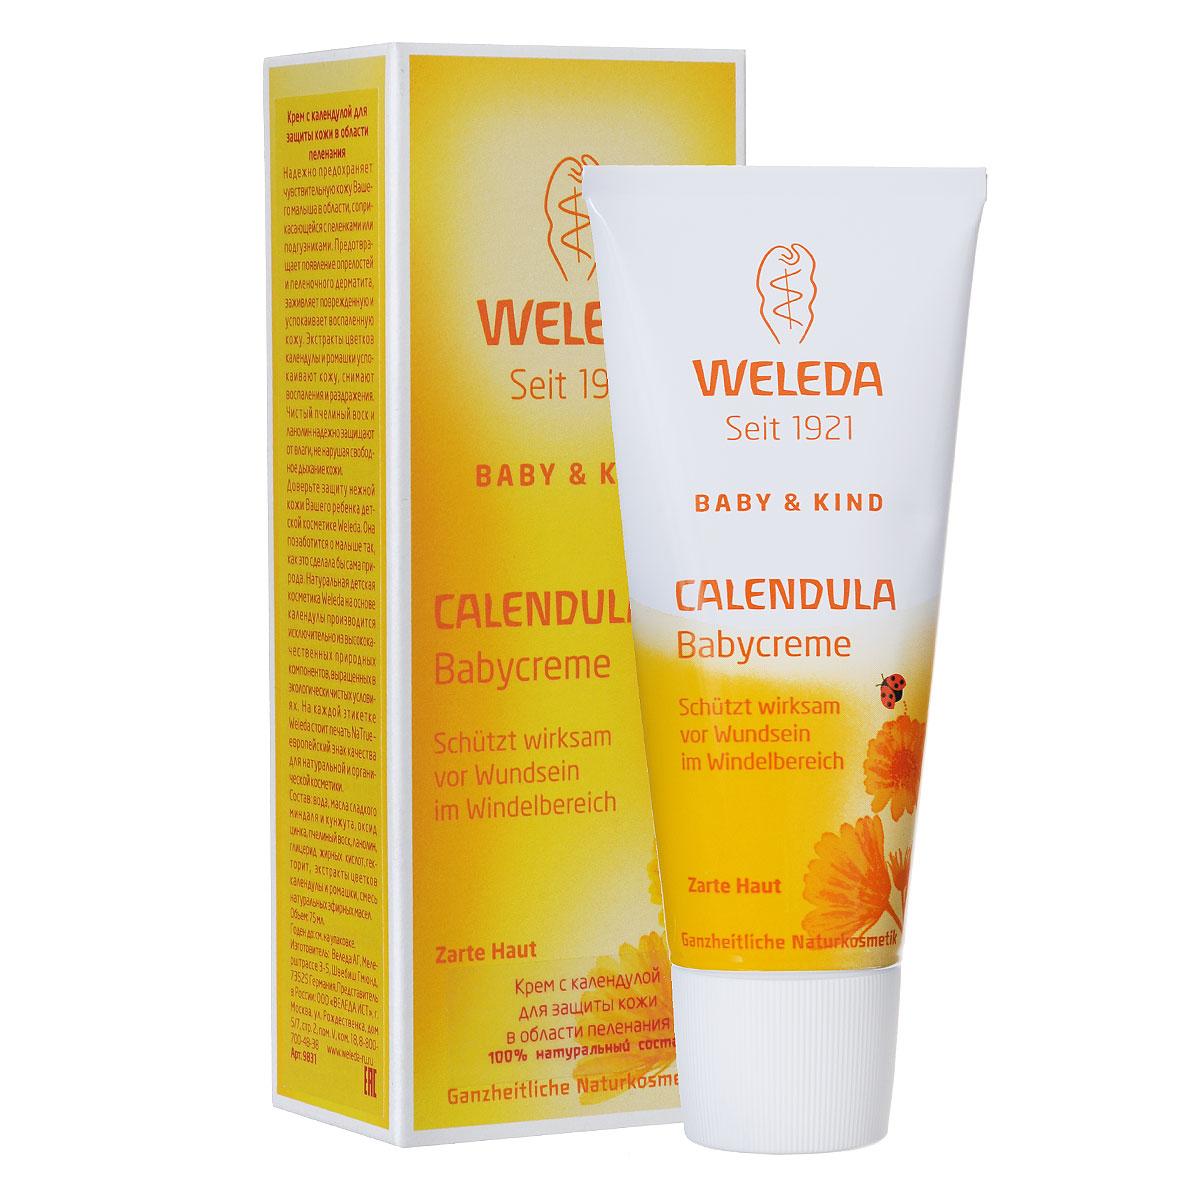 Weleda Крем для защиты кожи в области пеленания Baby & Kind, с календулой, 75 мл